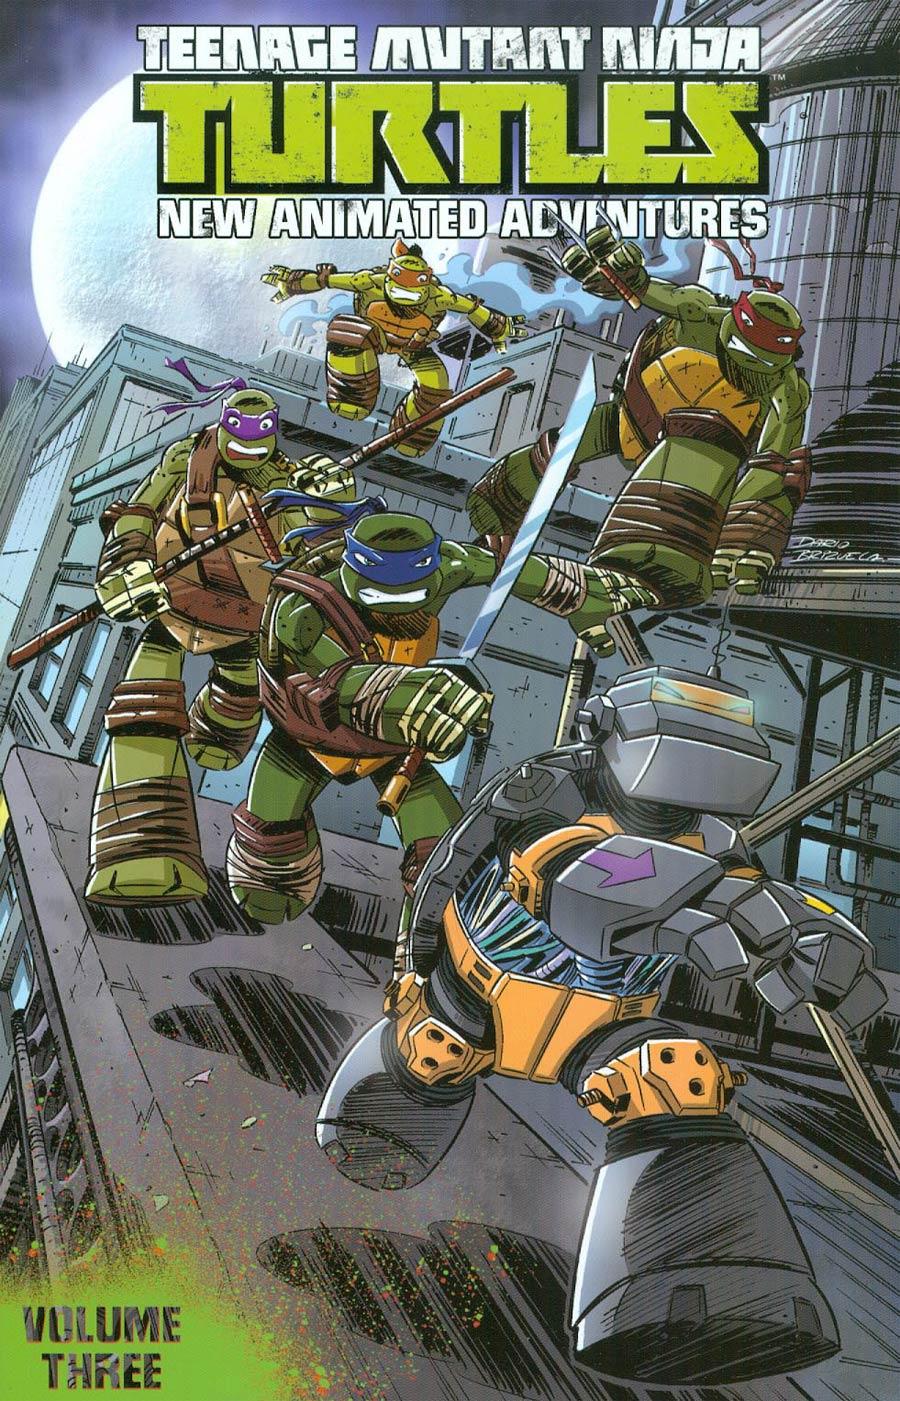 Teenage Mutant Ninja Turtles New Animated Adventures Vol 3 TP